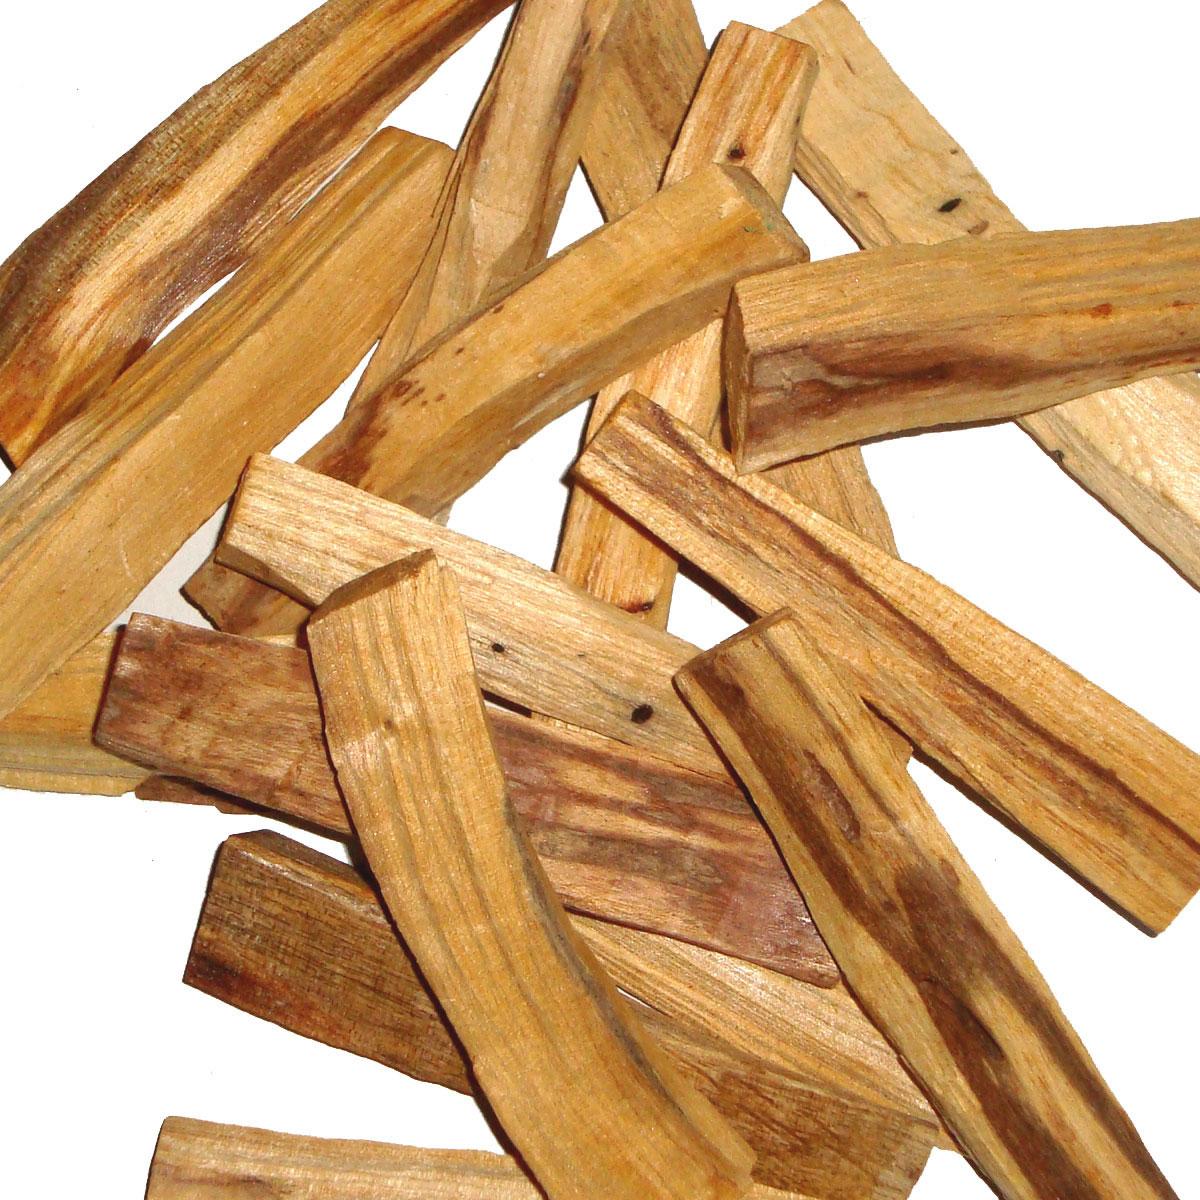 PALO SANTO Incense Sticks THICK STICKS - PERU - BULK - 500g